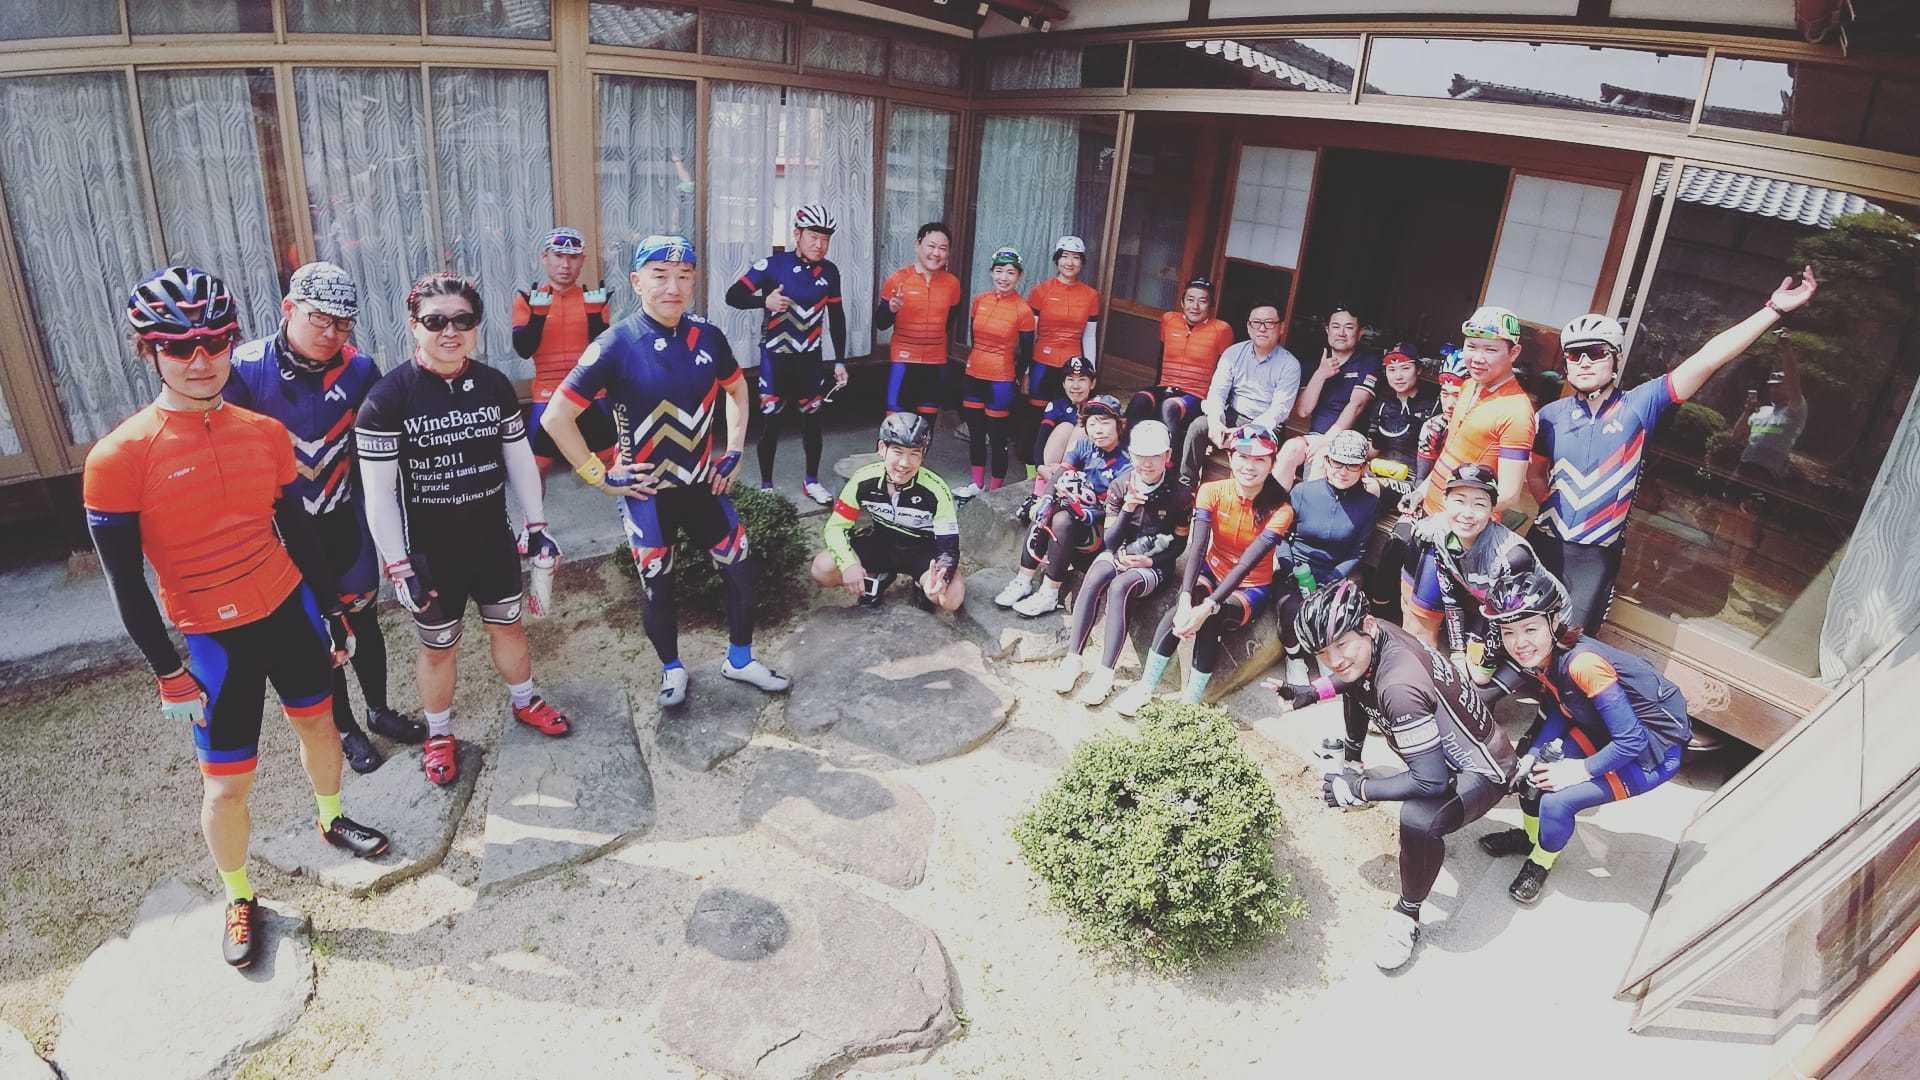 4月1日(日)開催「voyAge cycling \'ride krhsh slow\' 162」の日記_c0351373_09003747.jpg